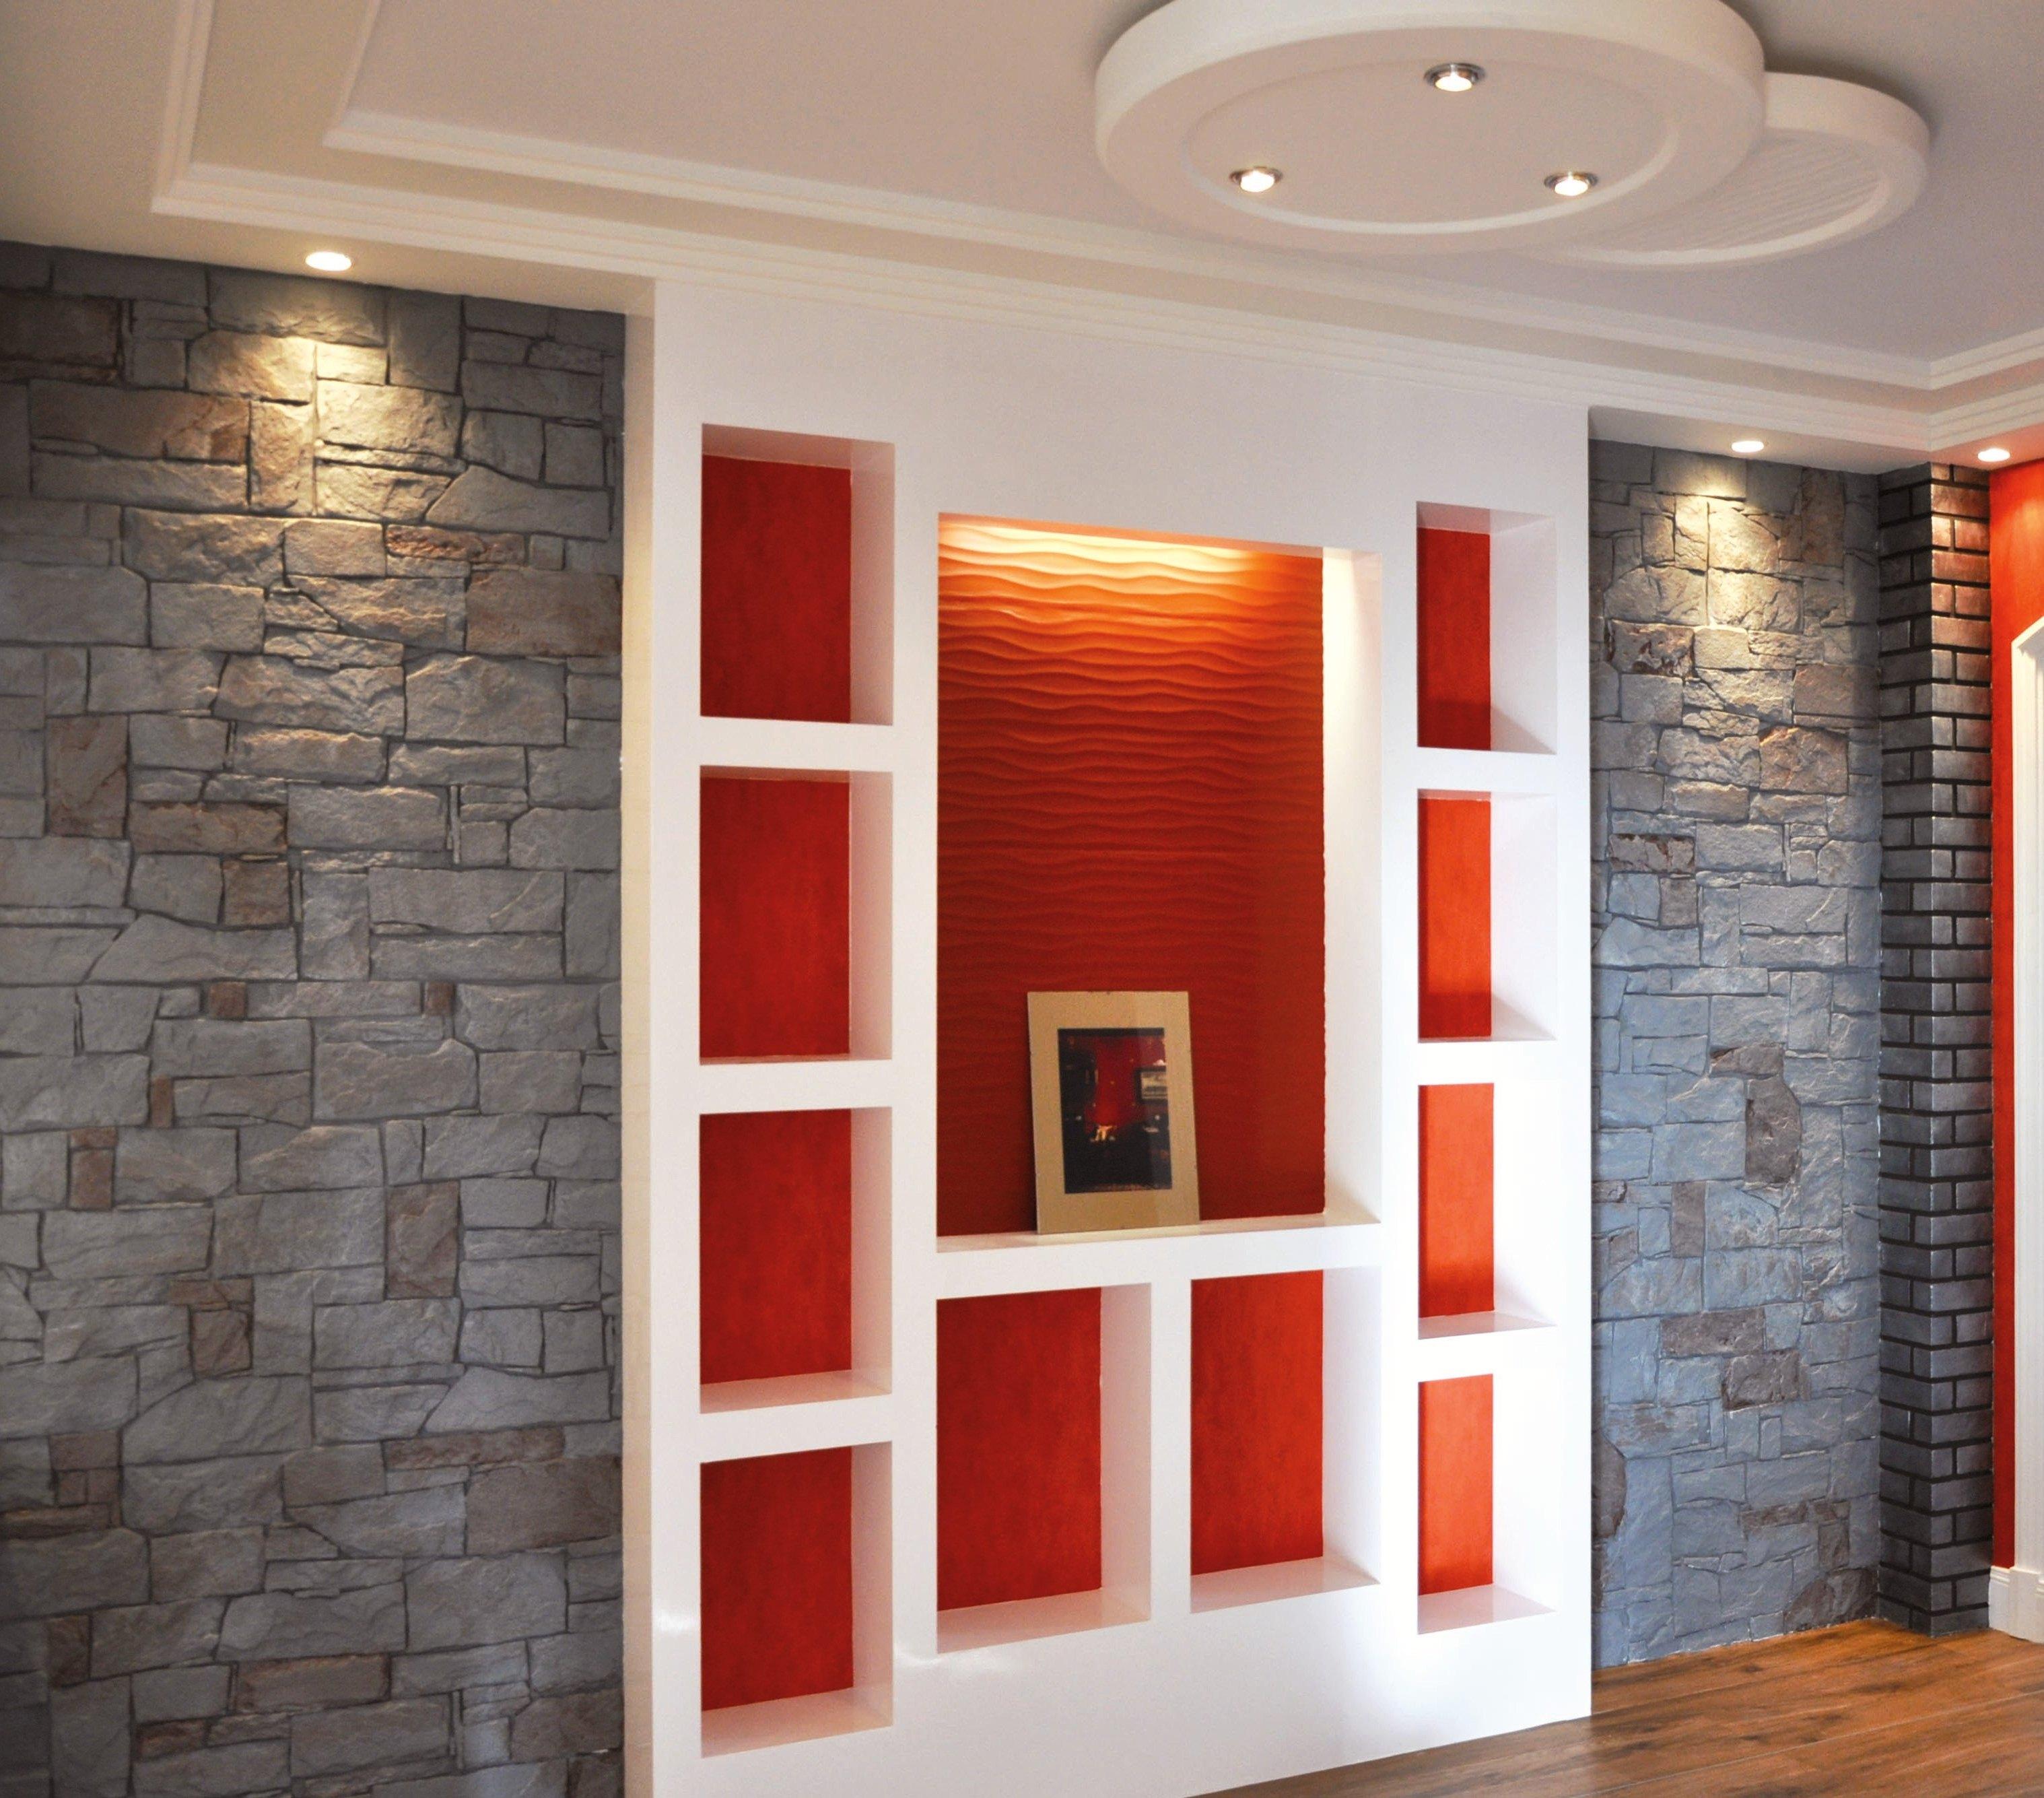 rutz 3d style paneele 7040 ca b 100cm x h 72 5cm x t 2cm frachtkosten auf anfrage. Black Bedroom Furniture Sets. Home Design Ideas